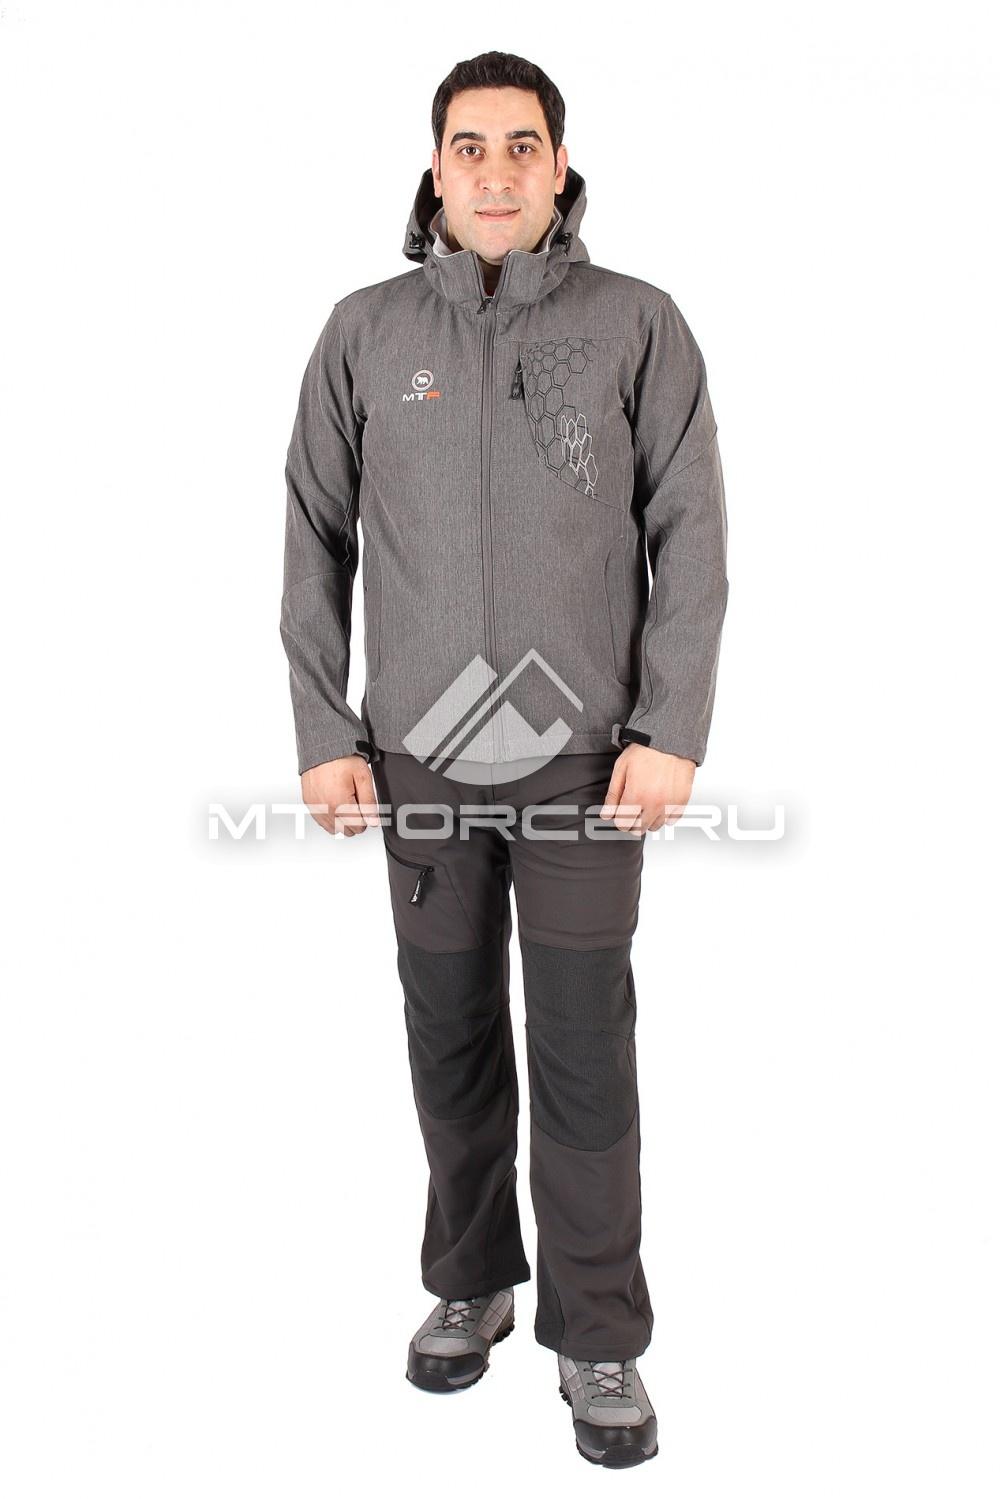 Купить                                  оптом Костюм виндстопер мужской серого цвета 1502Sr